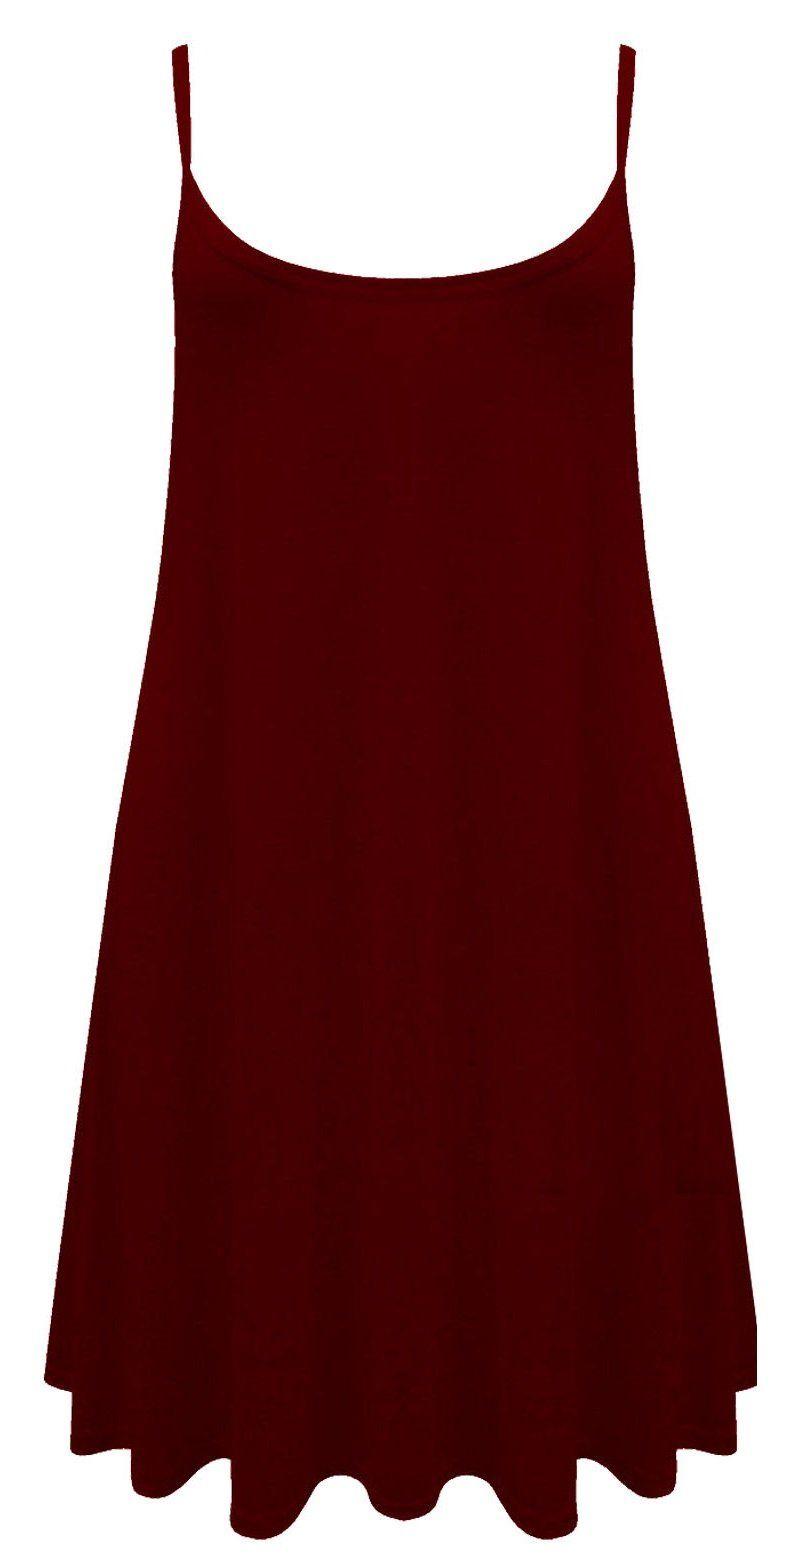 5bea7e7bb3552 NEW WOMEN PLAIN CAMI VEST DRESS NEON SLEEVELESS TOP LADIES SWING MINI DRESS PLUS  SIZES UK SIZE 8-26 (M L 12-14